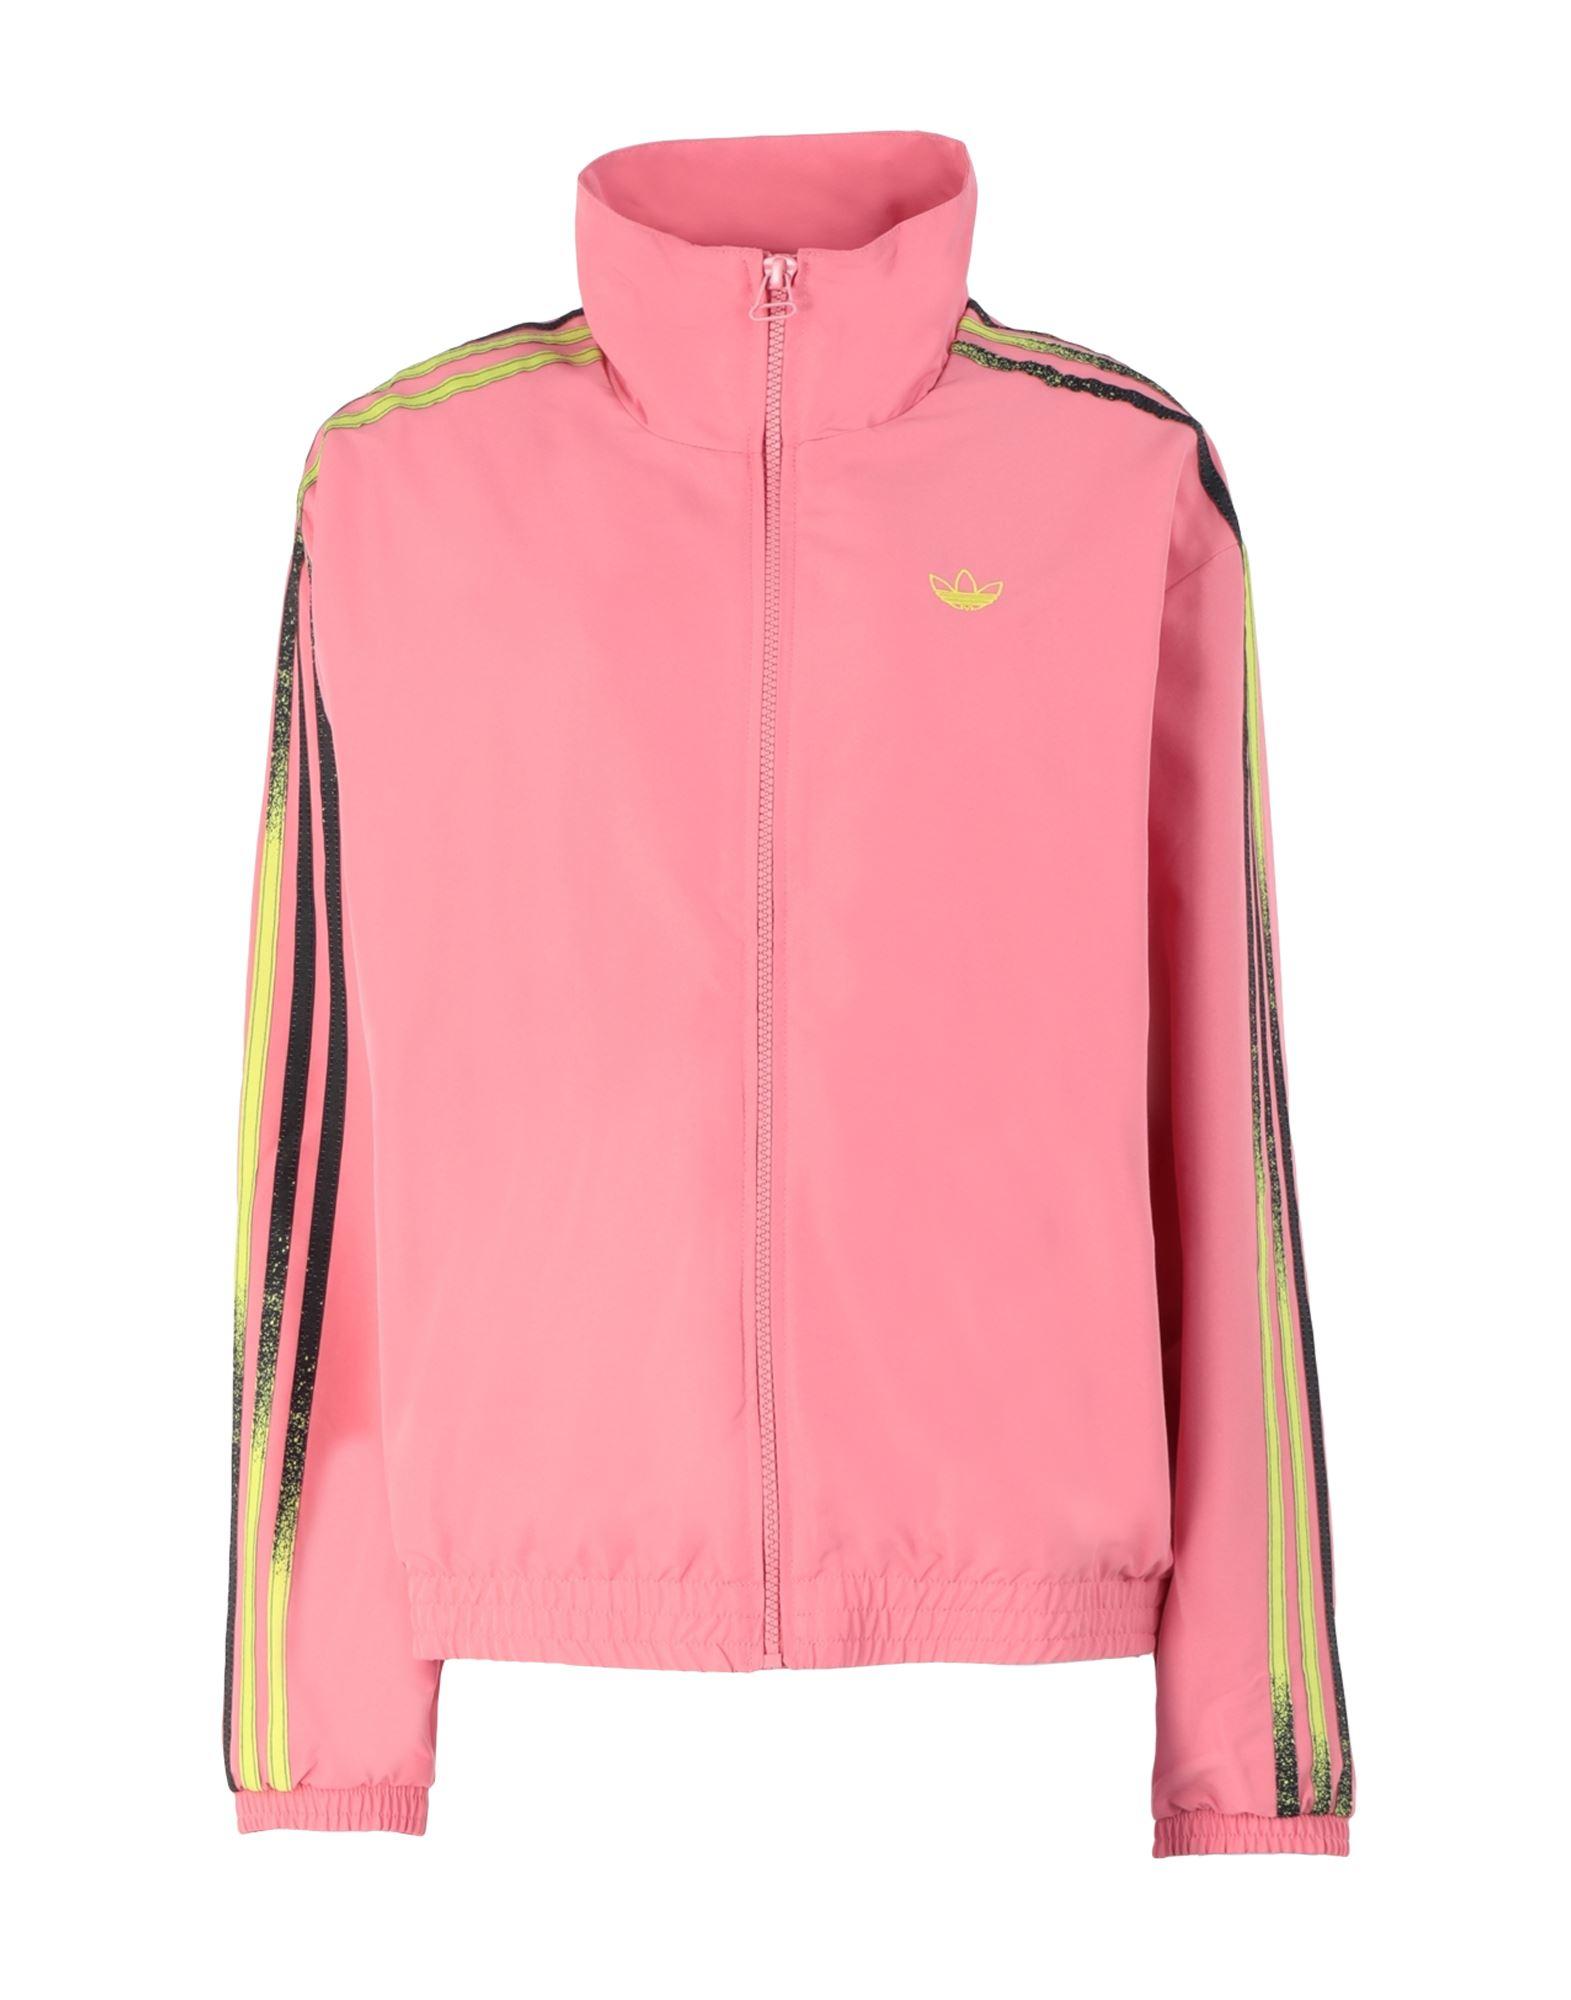 ADIDAS ORIGINALS Jackets - Item 16015533